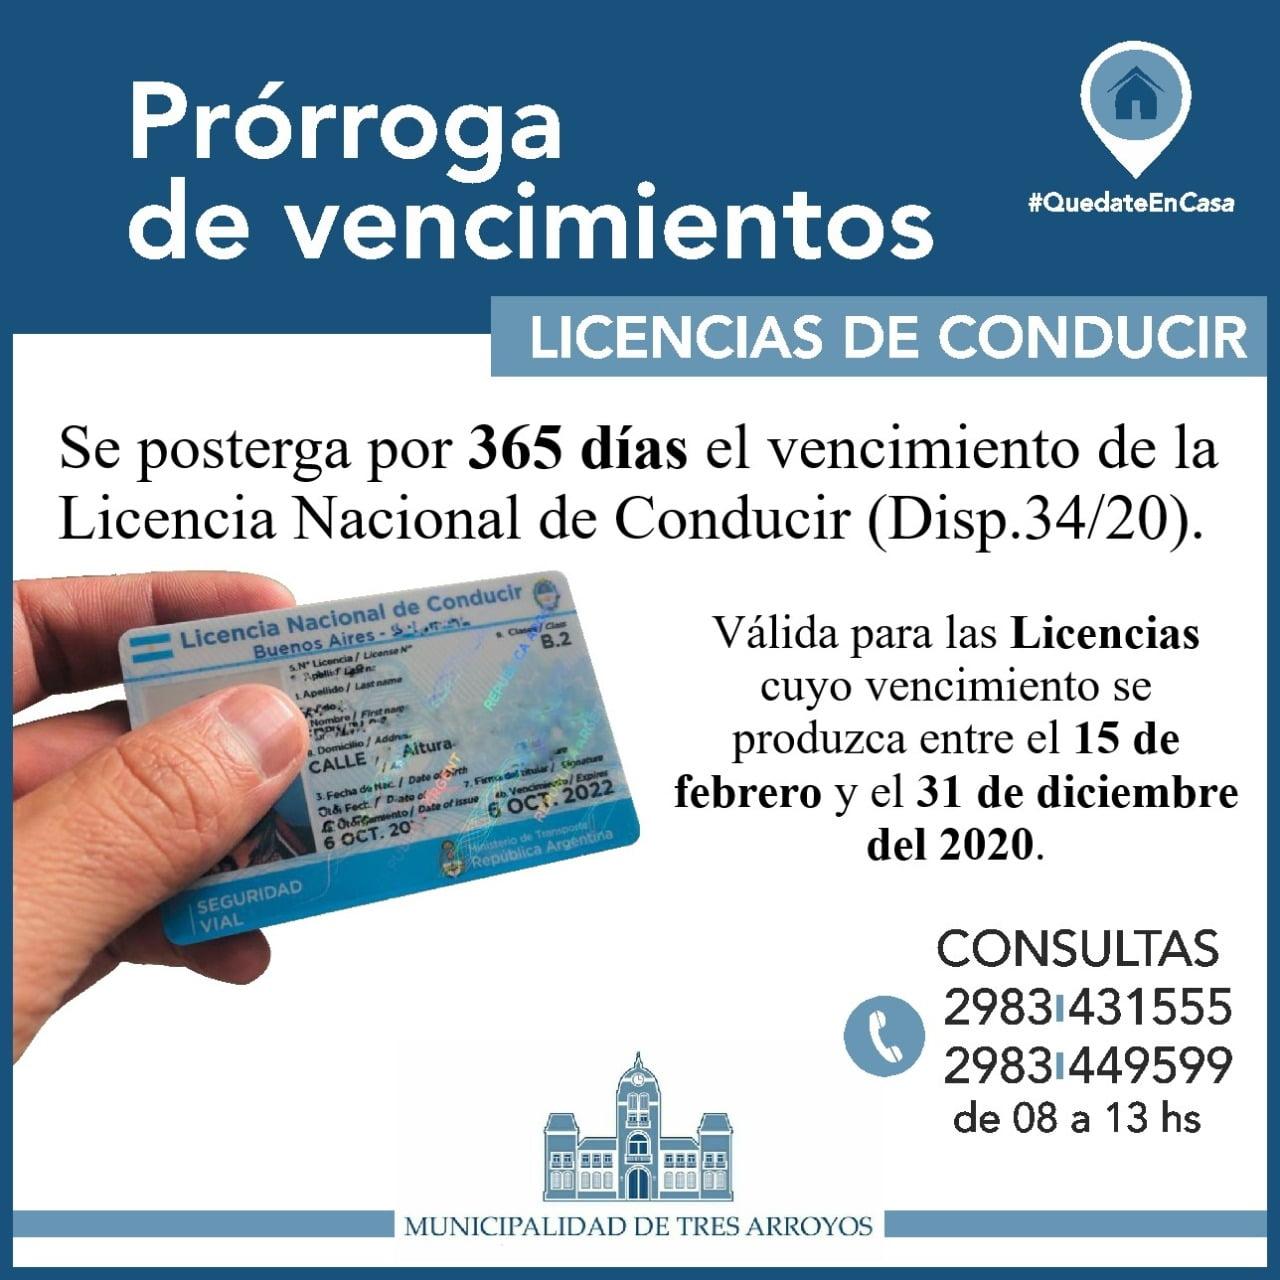 Licencias de conducir: hay otra prórroga de los vencimientos